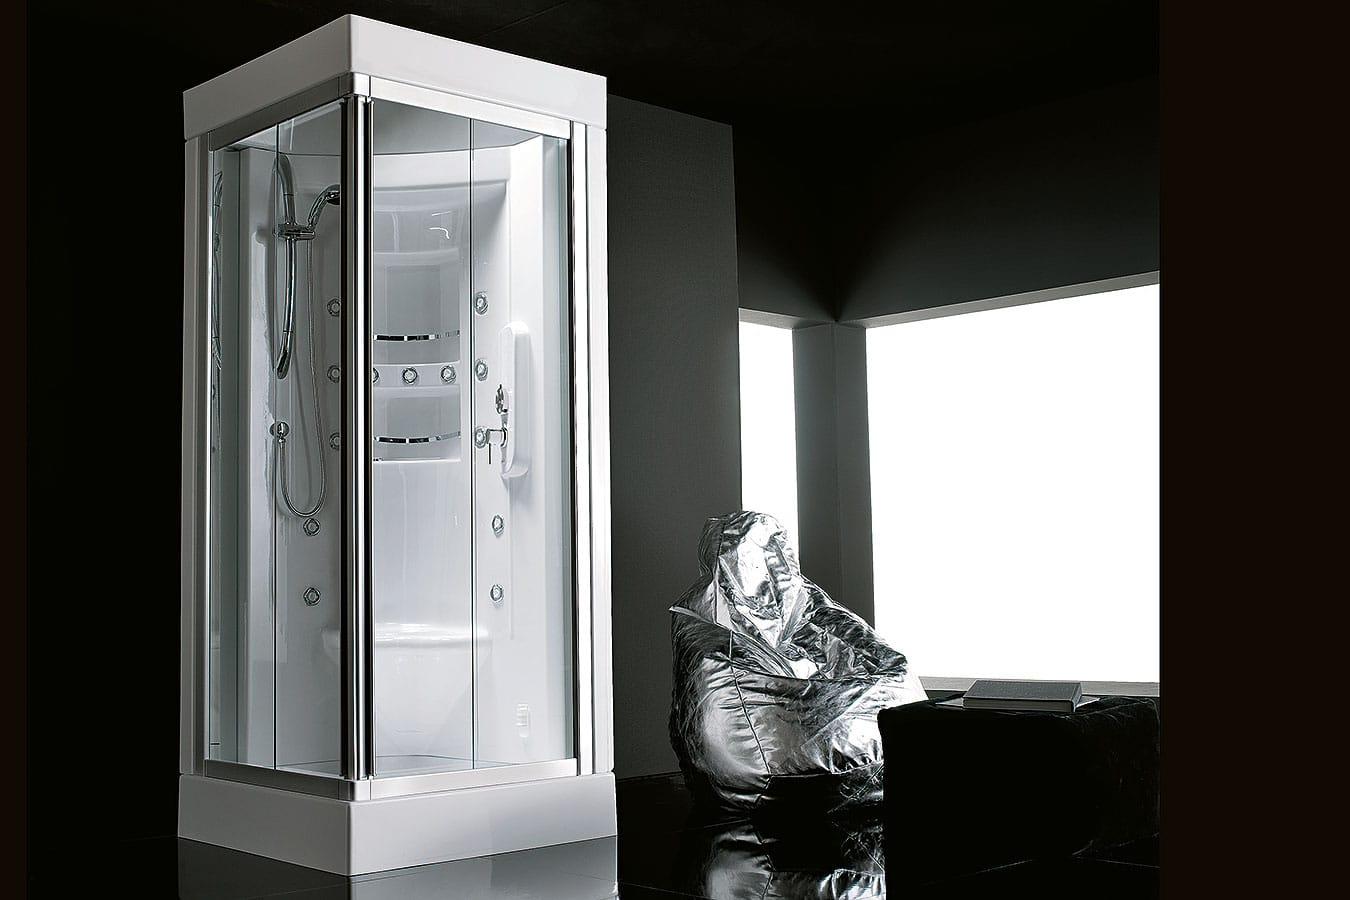 Cabina Multifunzione 80x80 : Acquazzurra cabina doccia multifunzione cm treesse